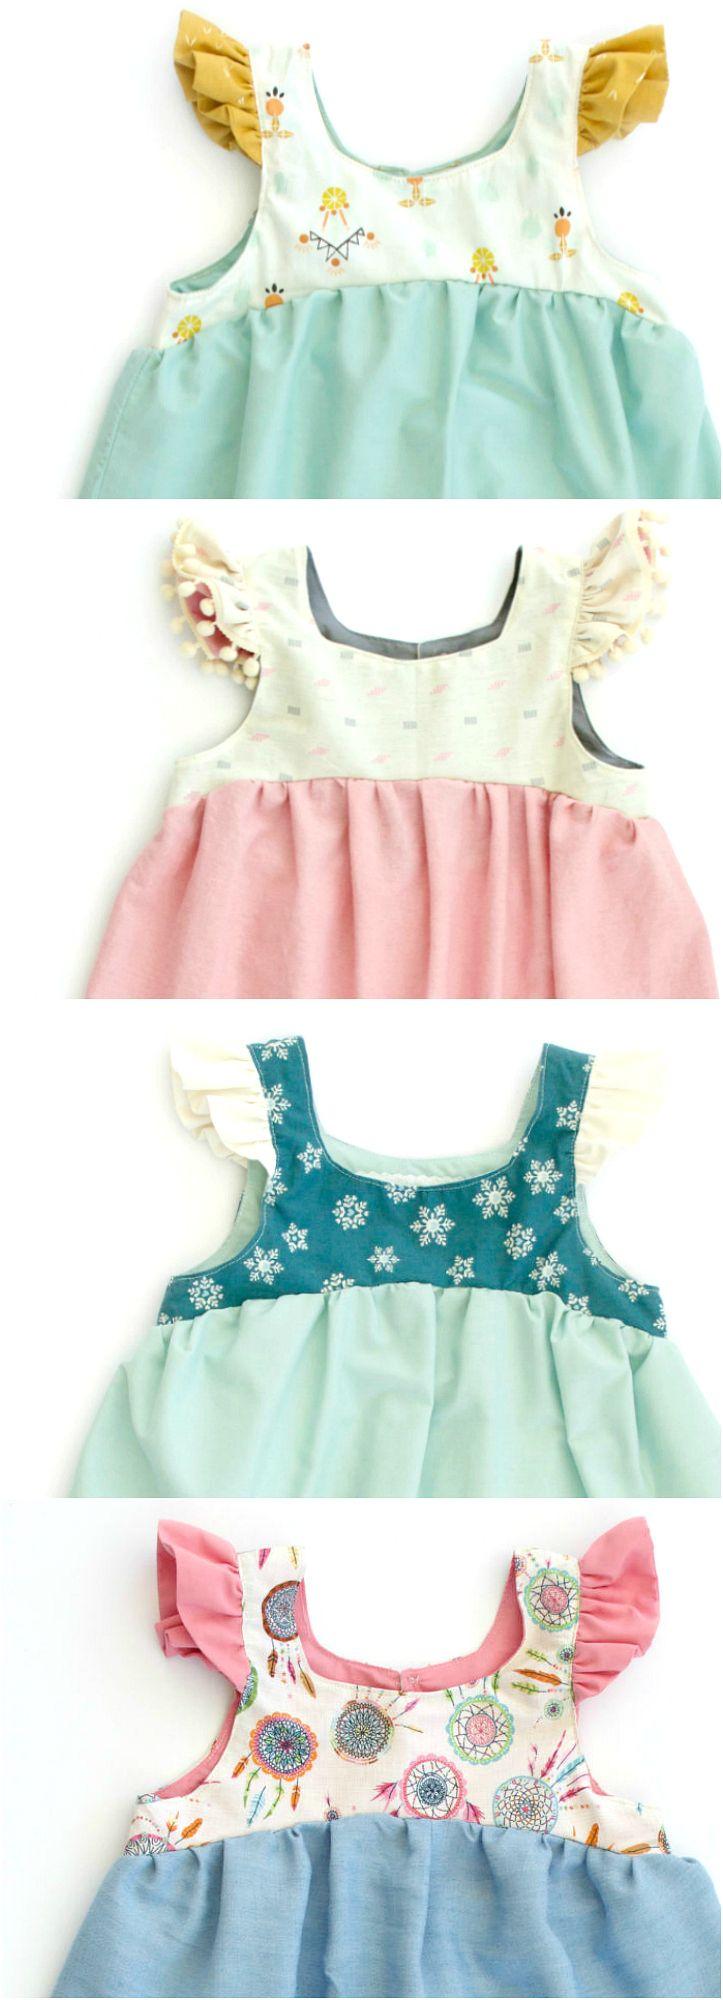 Diseña un vestidito con volantes en las mangas. #baby #bebé #ideas #vestido